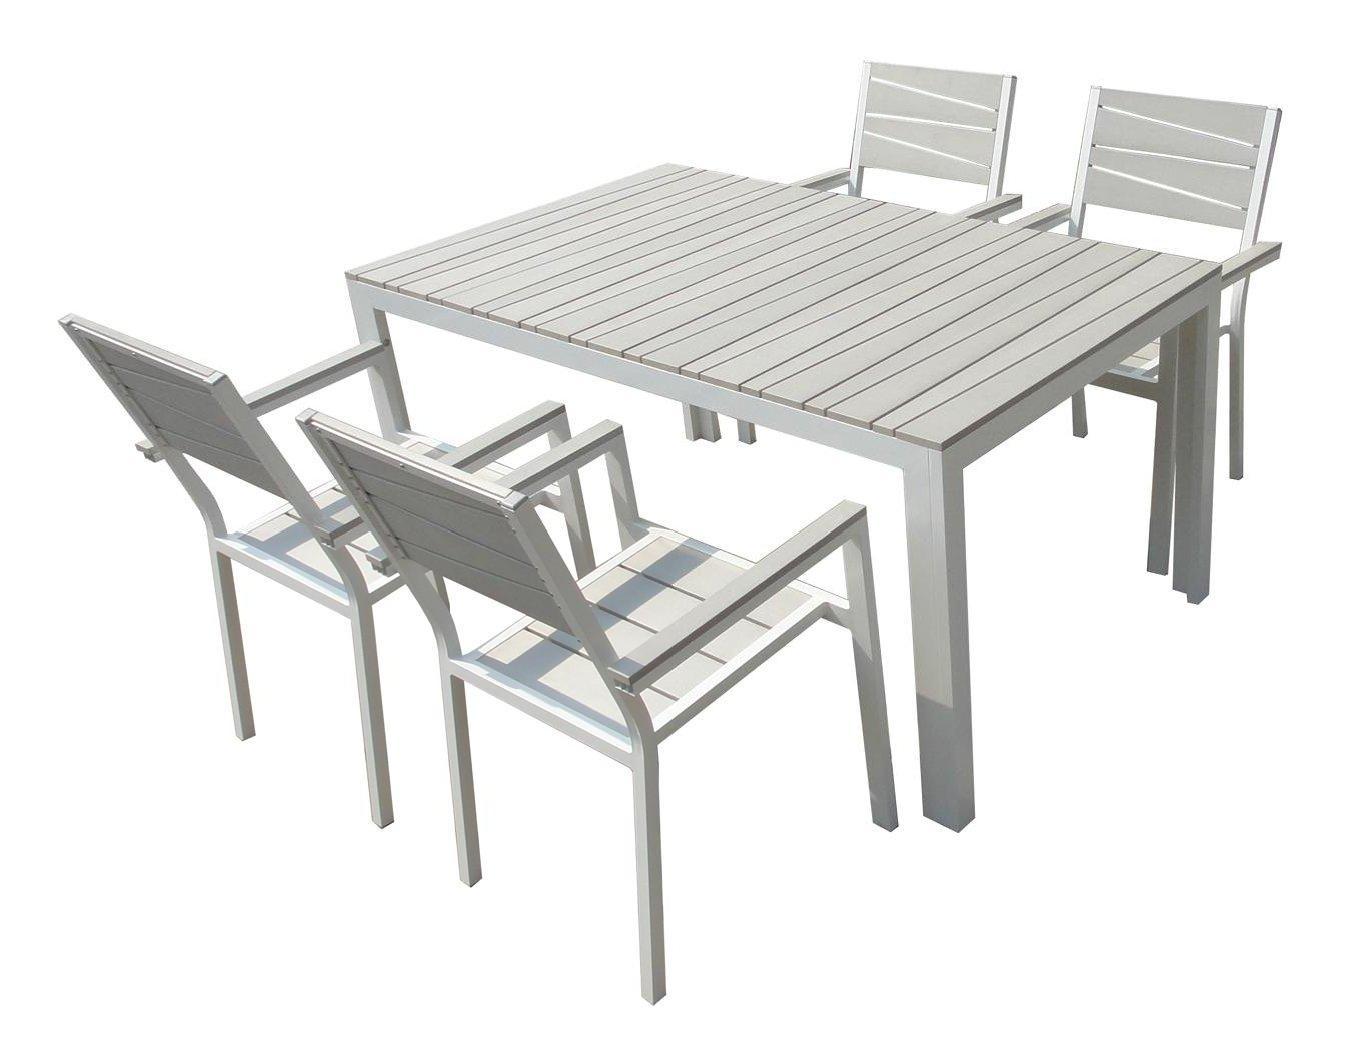 Tavoli Da Esterno In Alluminio.Prodotto Modello Set Ibiza Descrizione Generale Tavolo Bianco Grigio